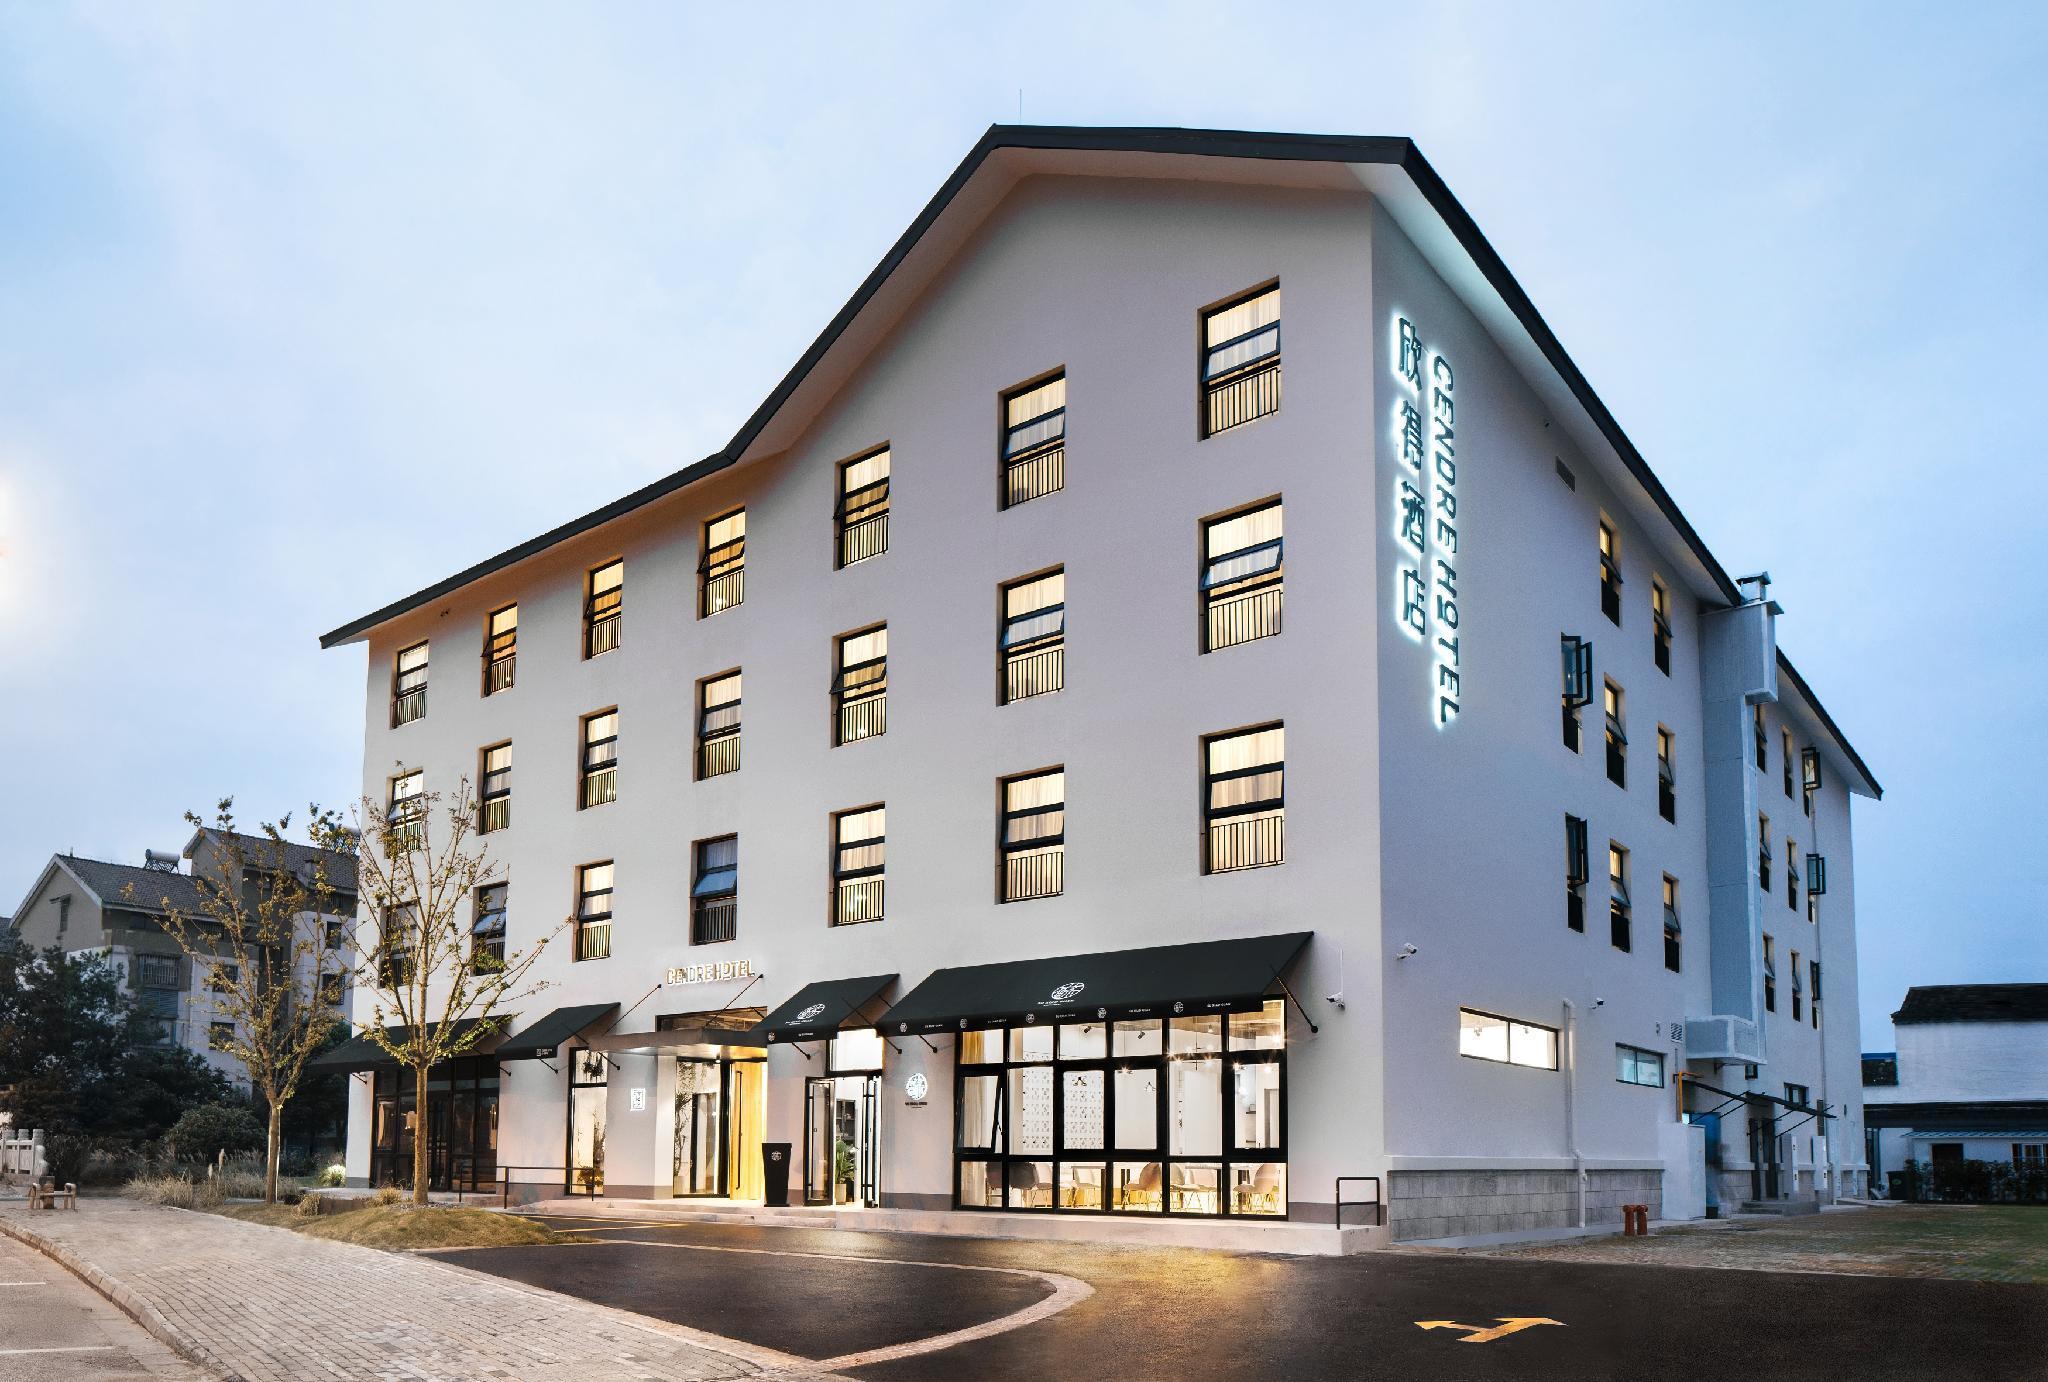 Cendre Hotel Lingering Garden And Tiger Hill Distrik Bisnis